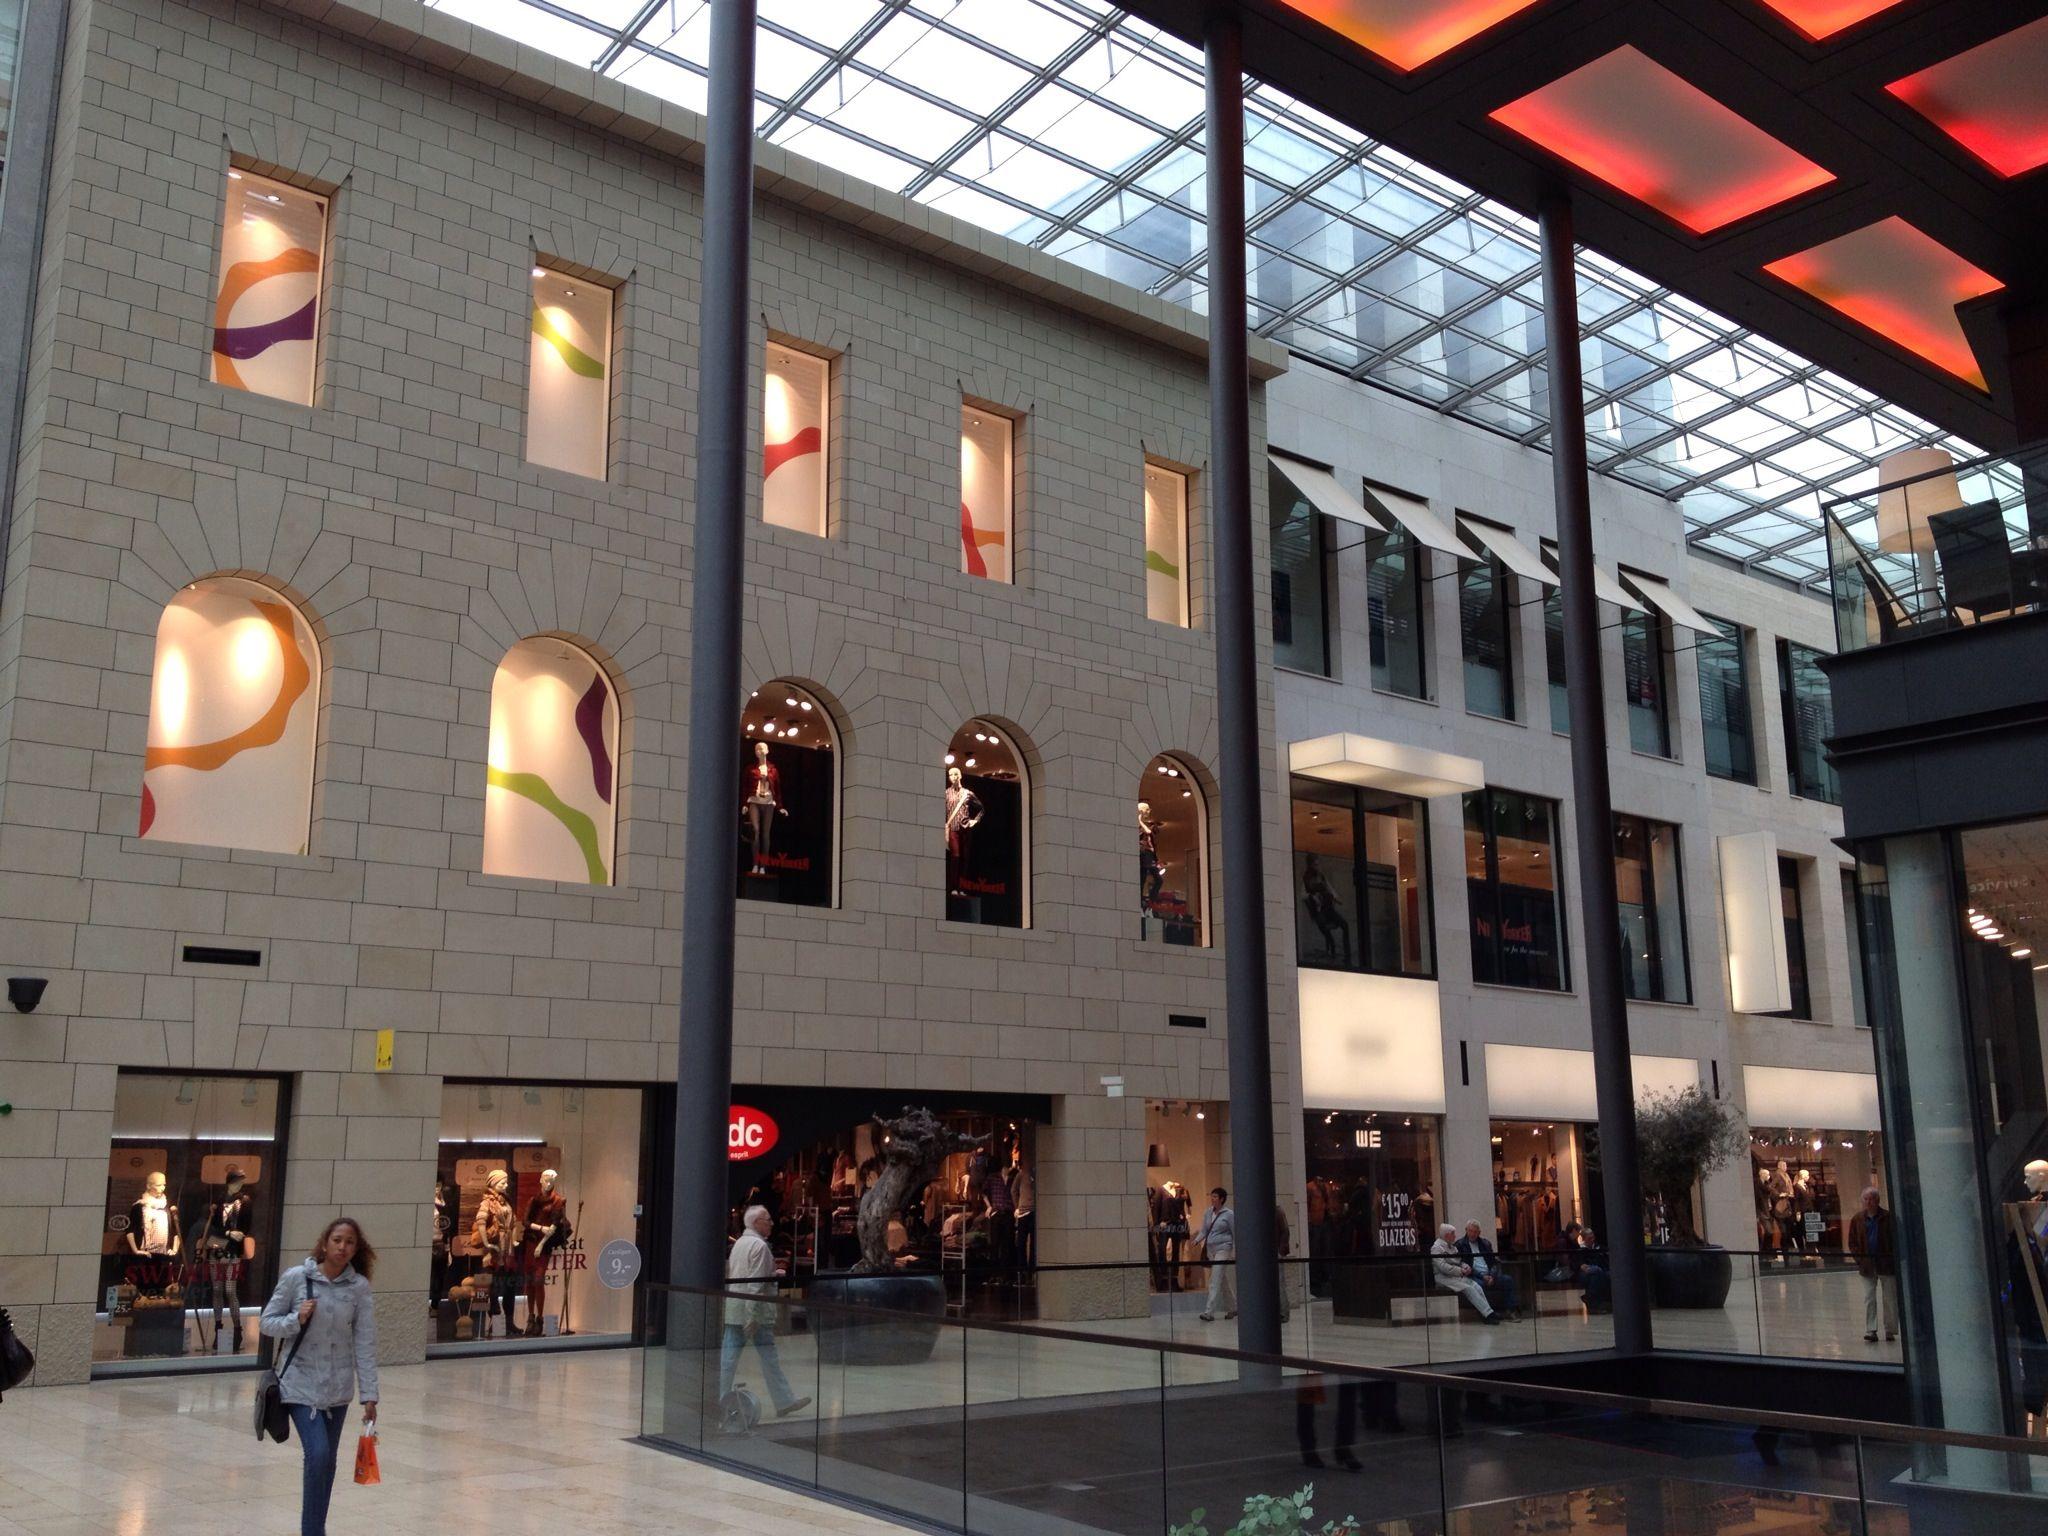 Shopping Mall Forum Duisburg